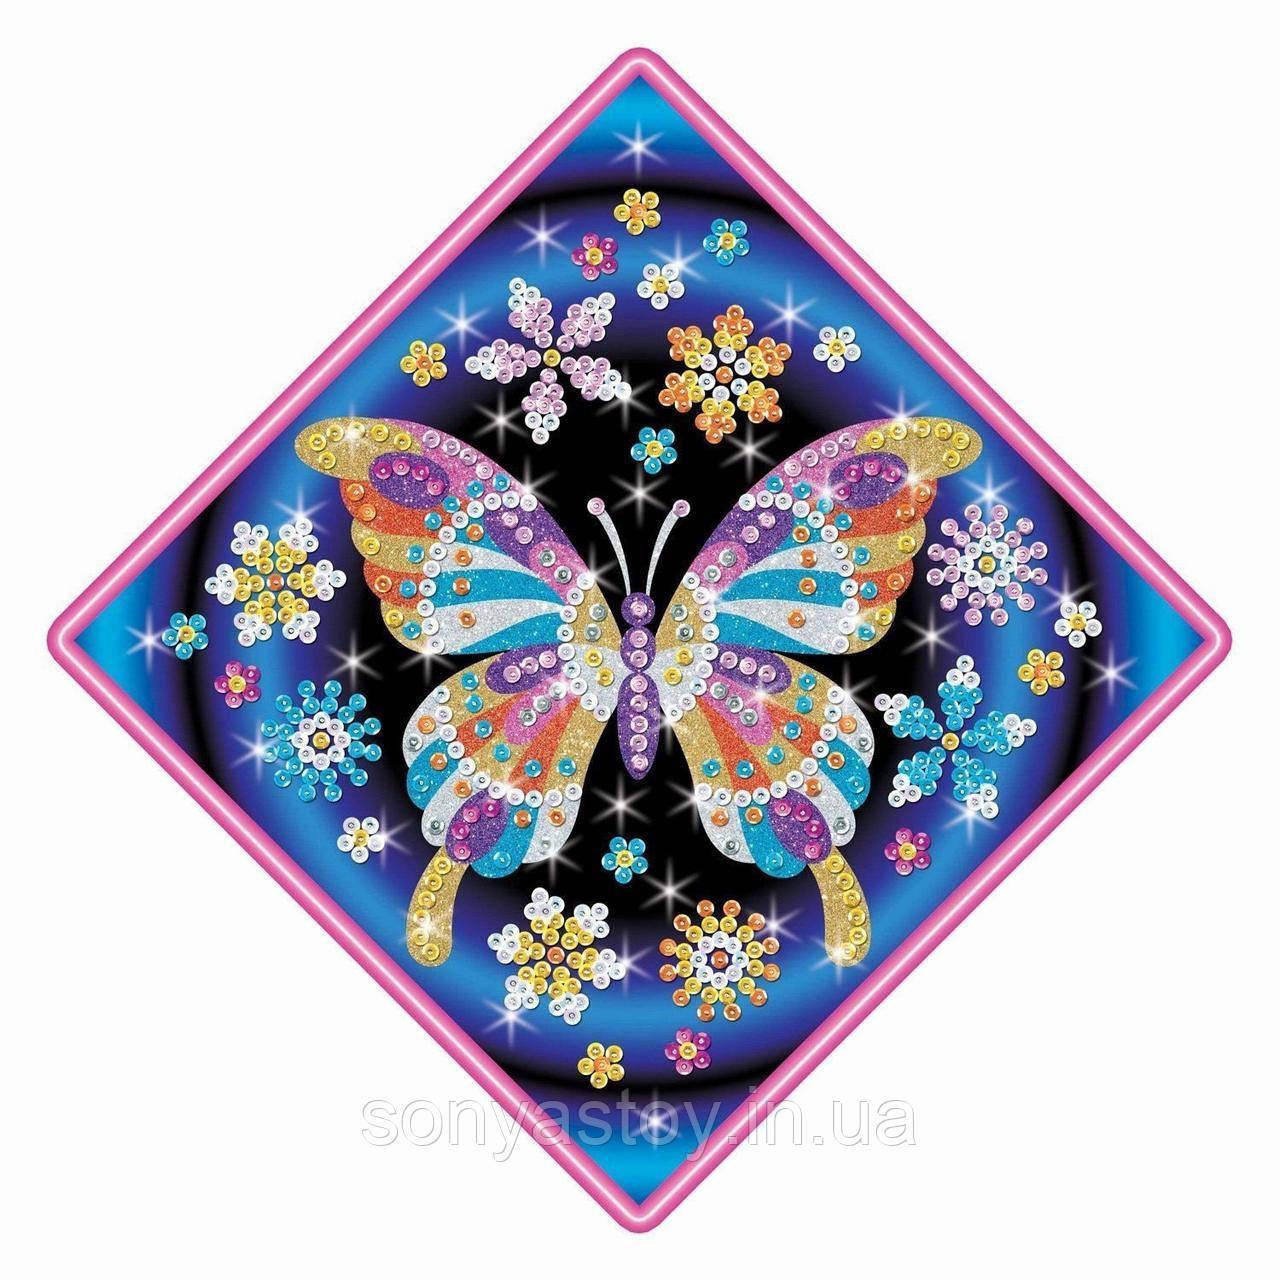 Набор для творчества Рисование цветным песком и пайетками Бабочка Stardust Butterfly, Sequin Art, 5+